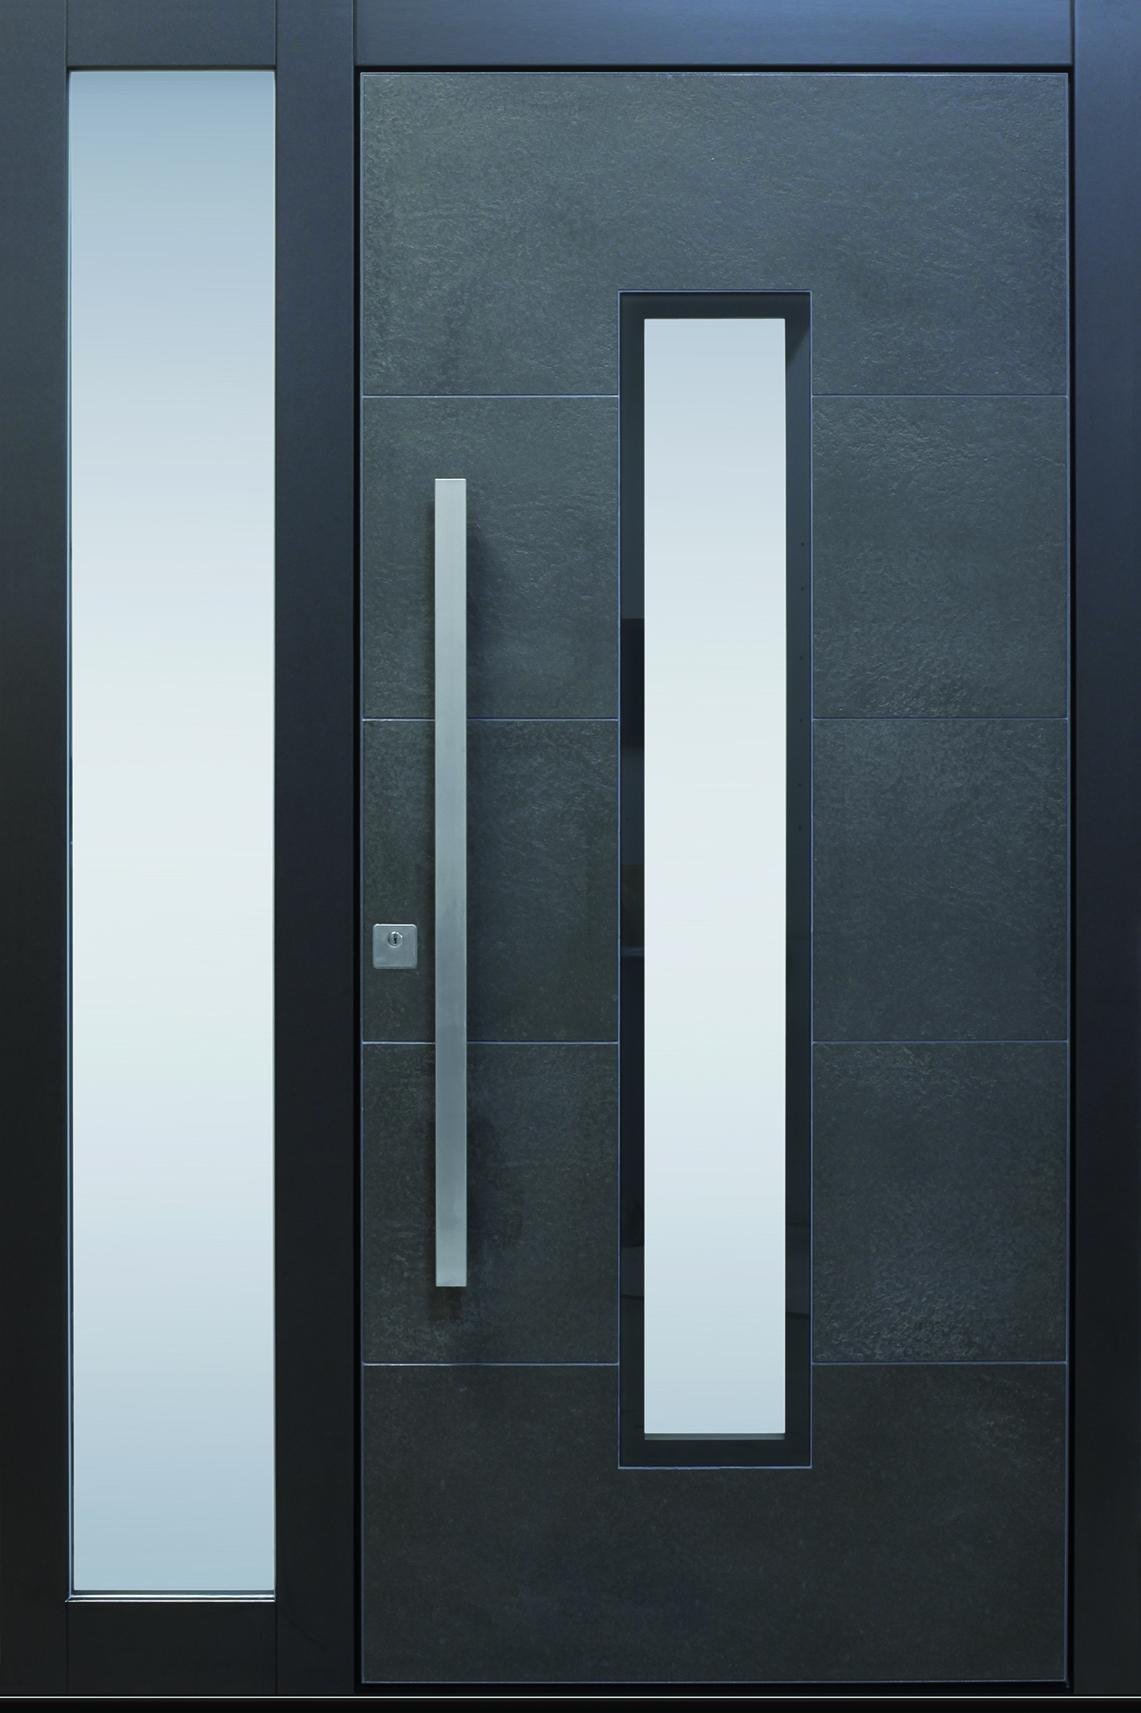 Eingangstüren mit seitenteil  TOPIC - Haustüren von Meisterhand TOPIC Haustüren u. Wohnungstüren ...